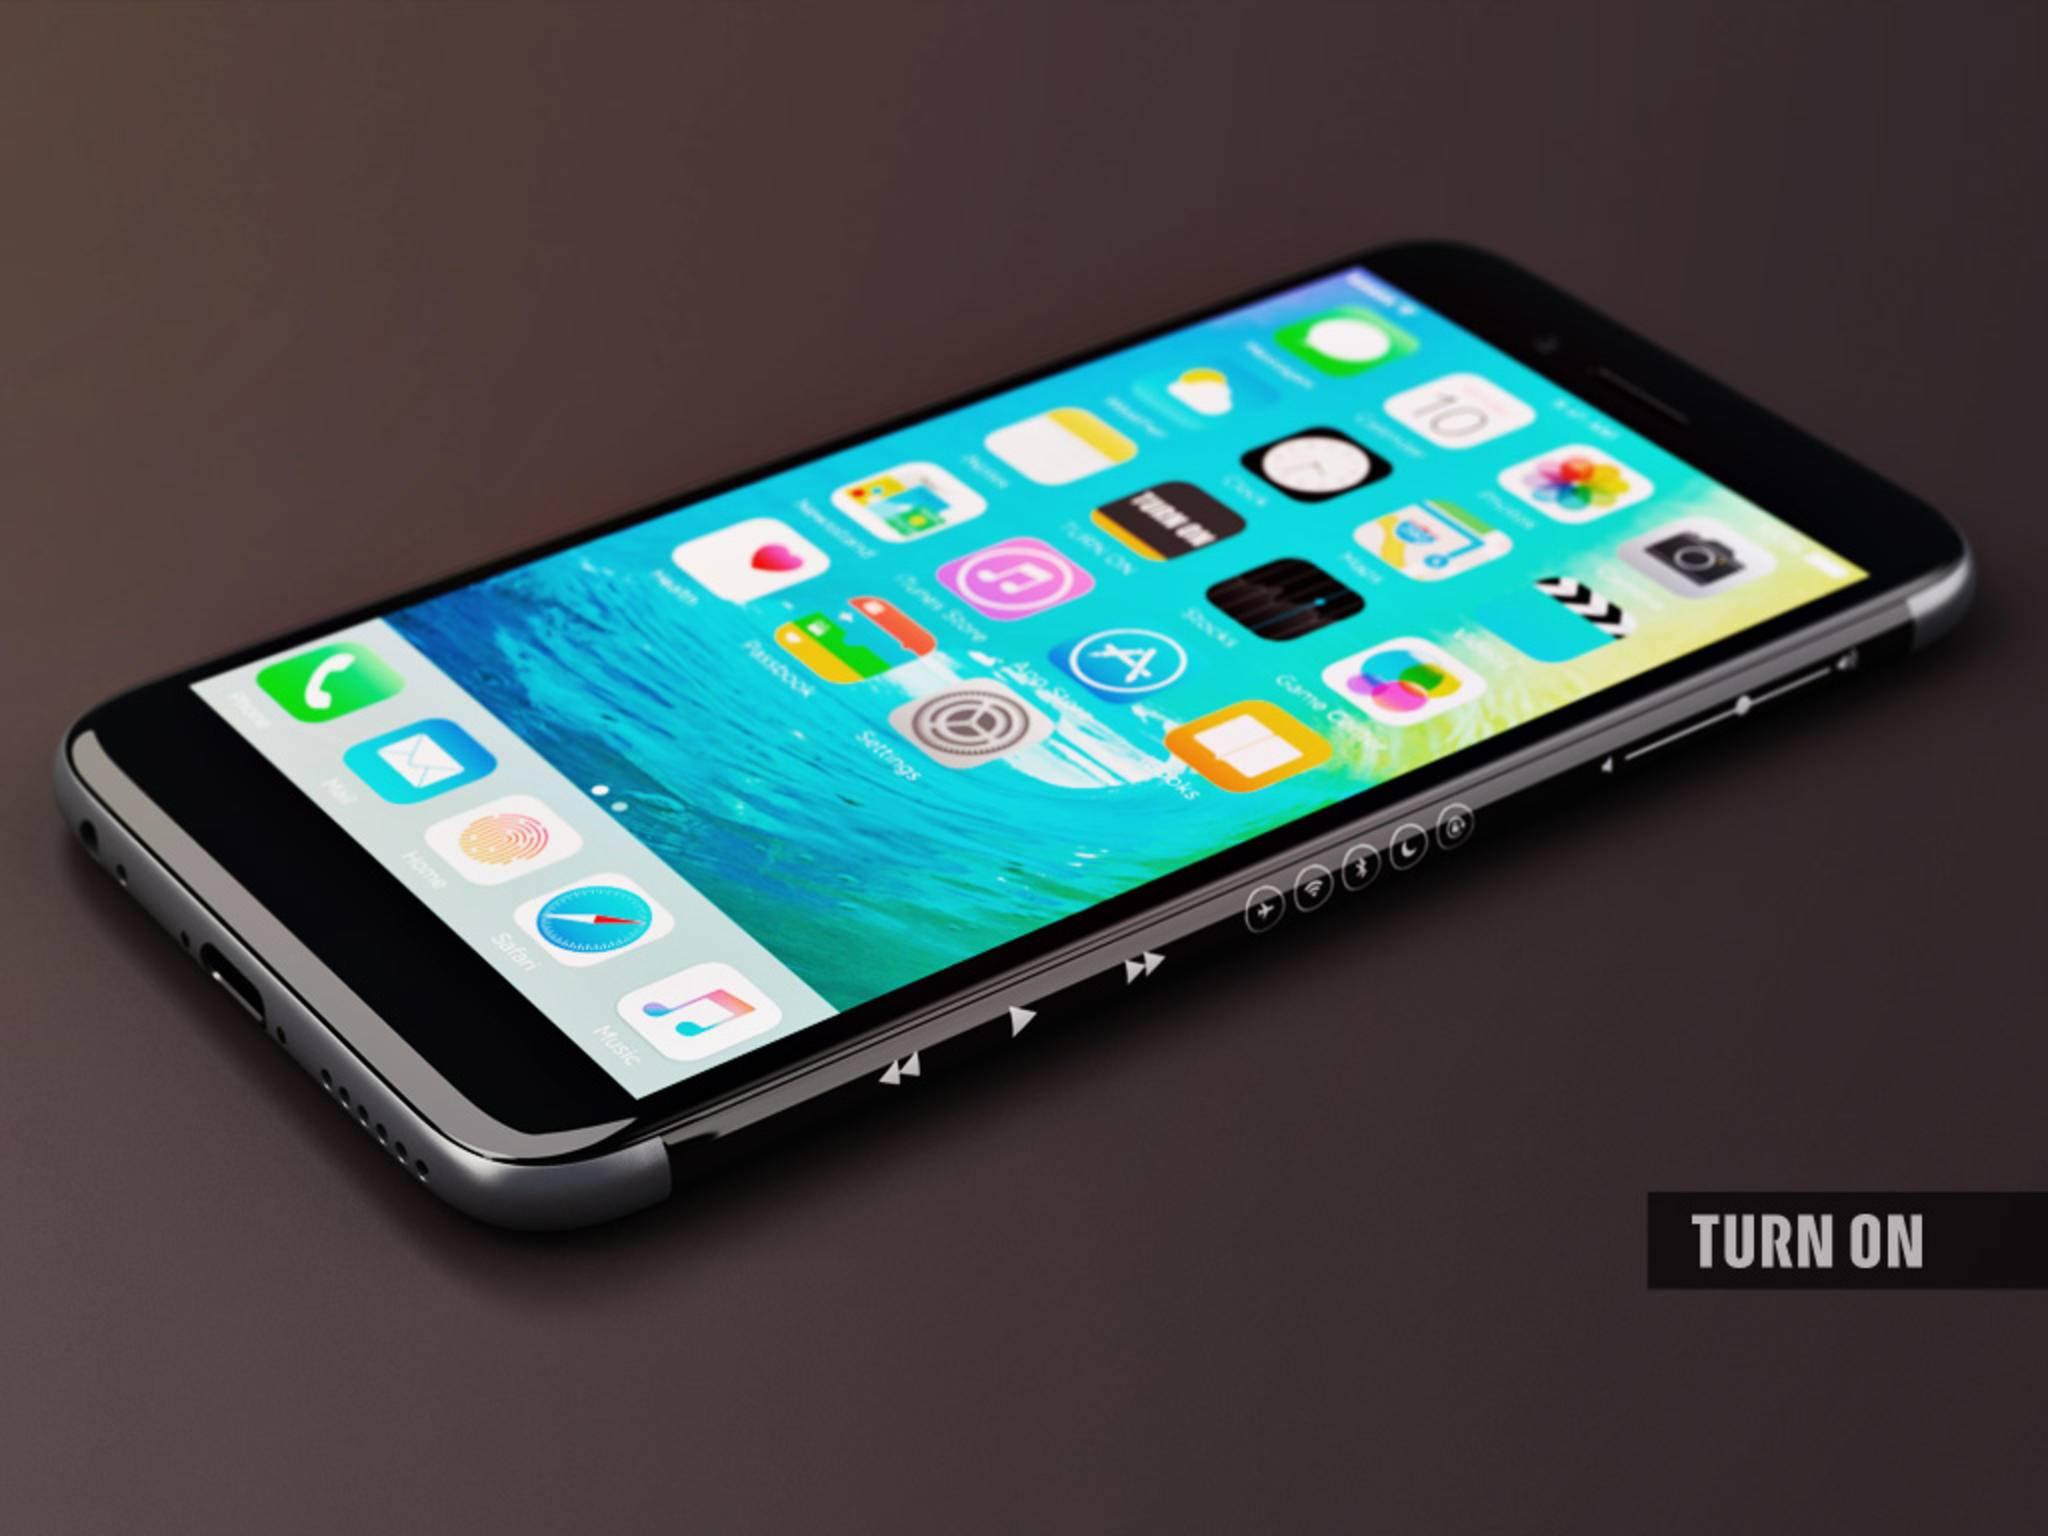 Das iPhone 7s soll angeblich ein rahmenloses Display mit virtuellem Touch ID-Sensor bekommen.